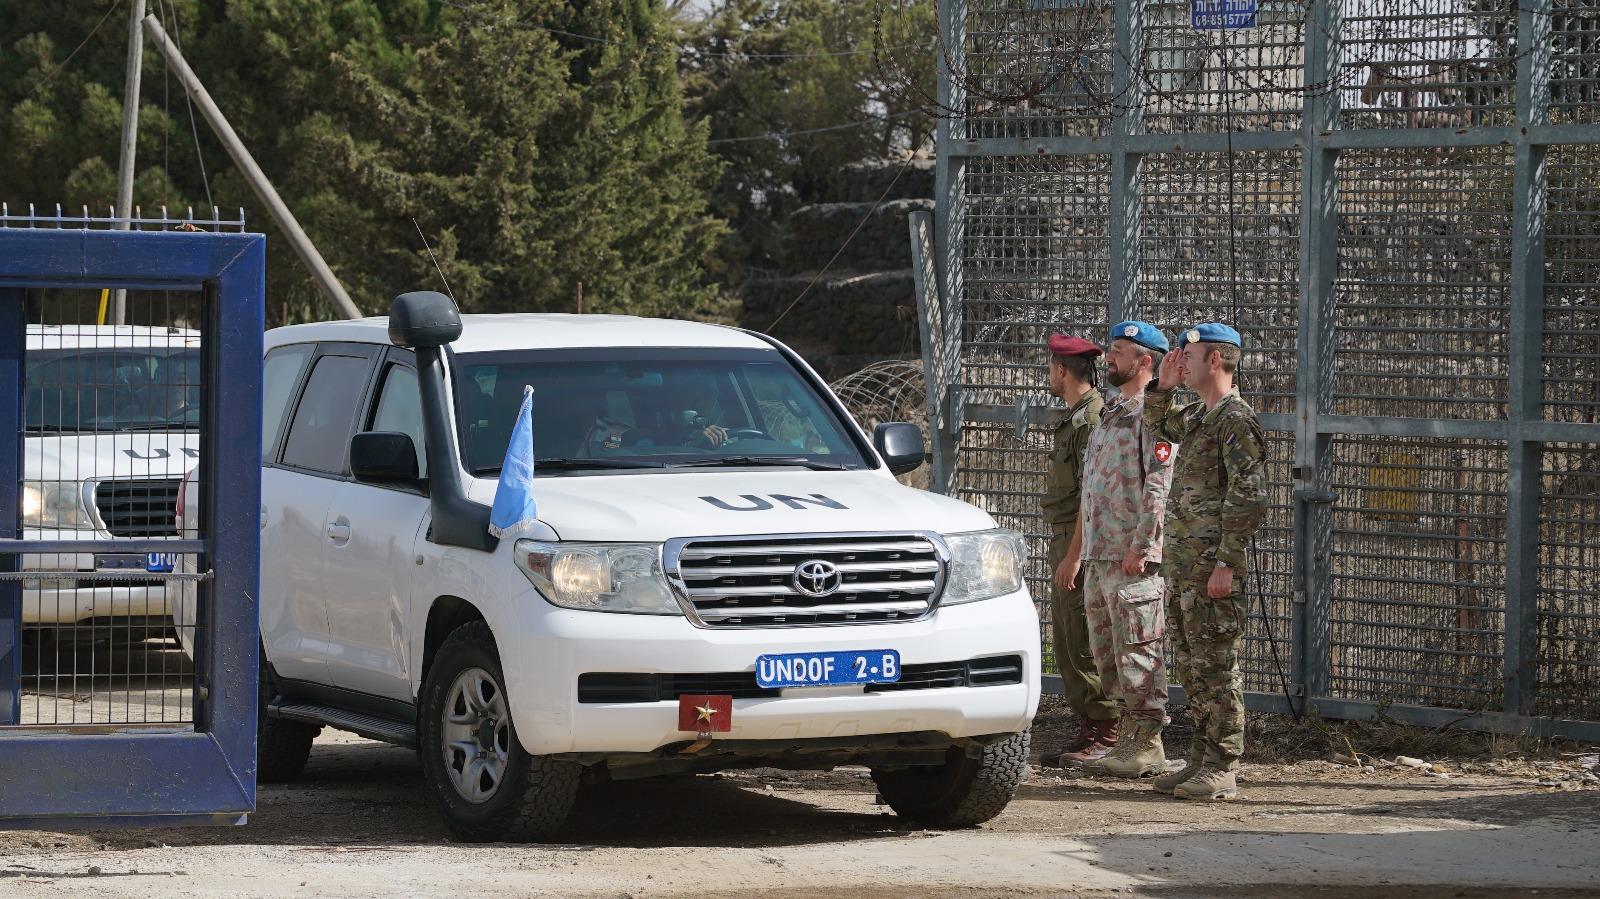 נפתח מעבר הגבול בקוניטרה לסוריה – 4 שנים המעבר היה סגור